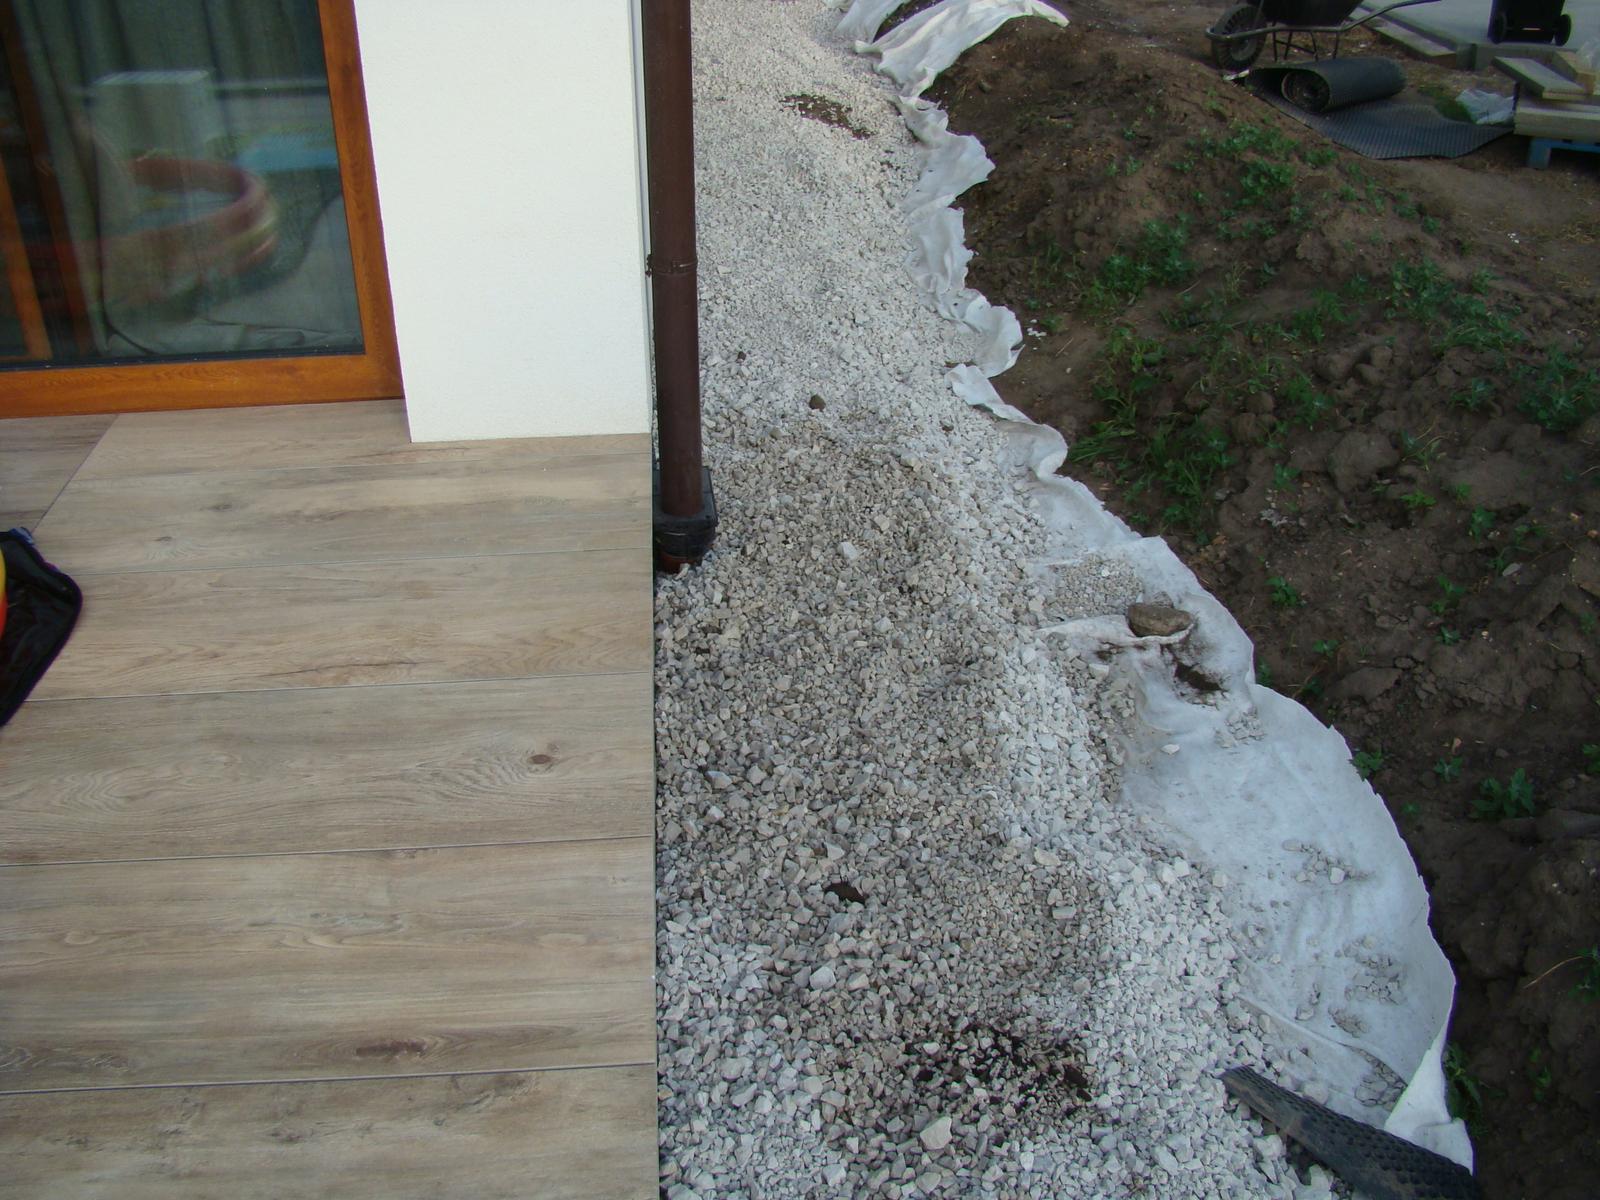 Terasa k domu - Zostáva už len dorobiť posledný okraj, ale ten sa bude robiť až keď sa vedľa položí zámková dlažba.